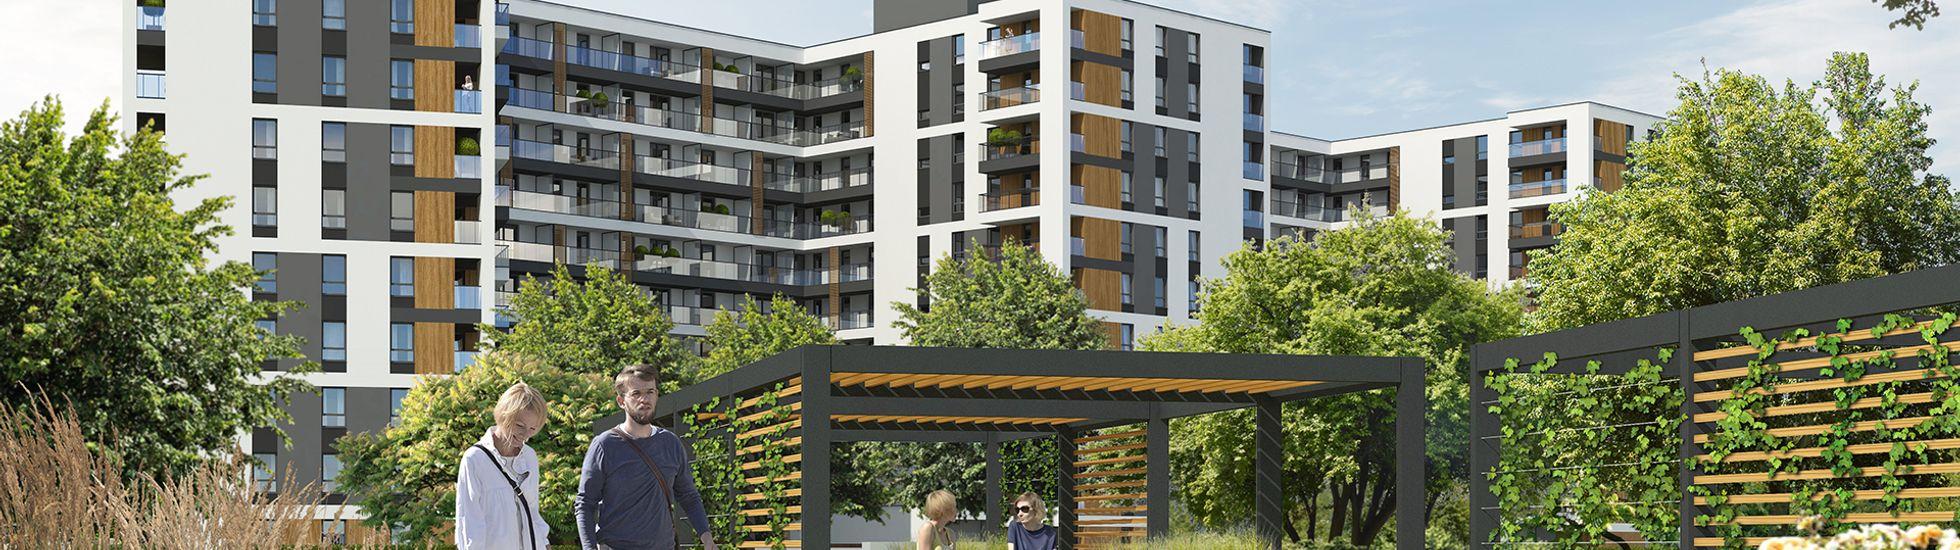 Warszawa: Parkur Residence – YIT stawia osiedle z ogrodami na dachach przy torze wyścigów konnych